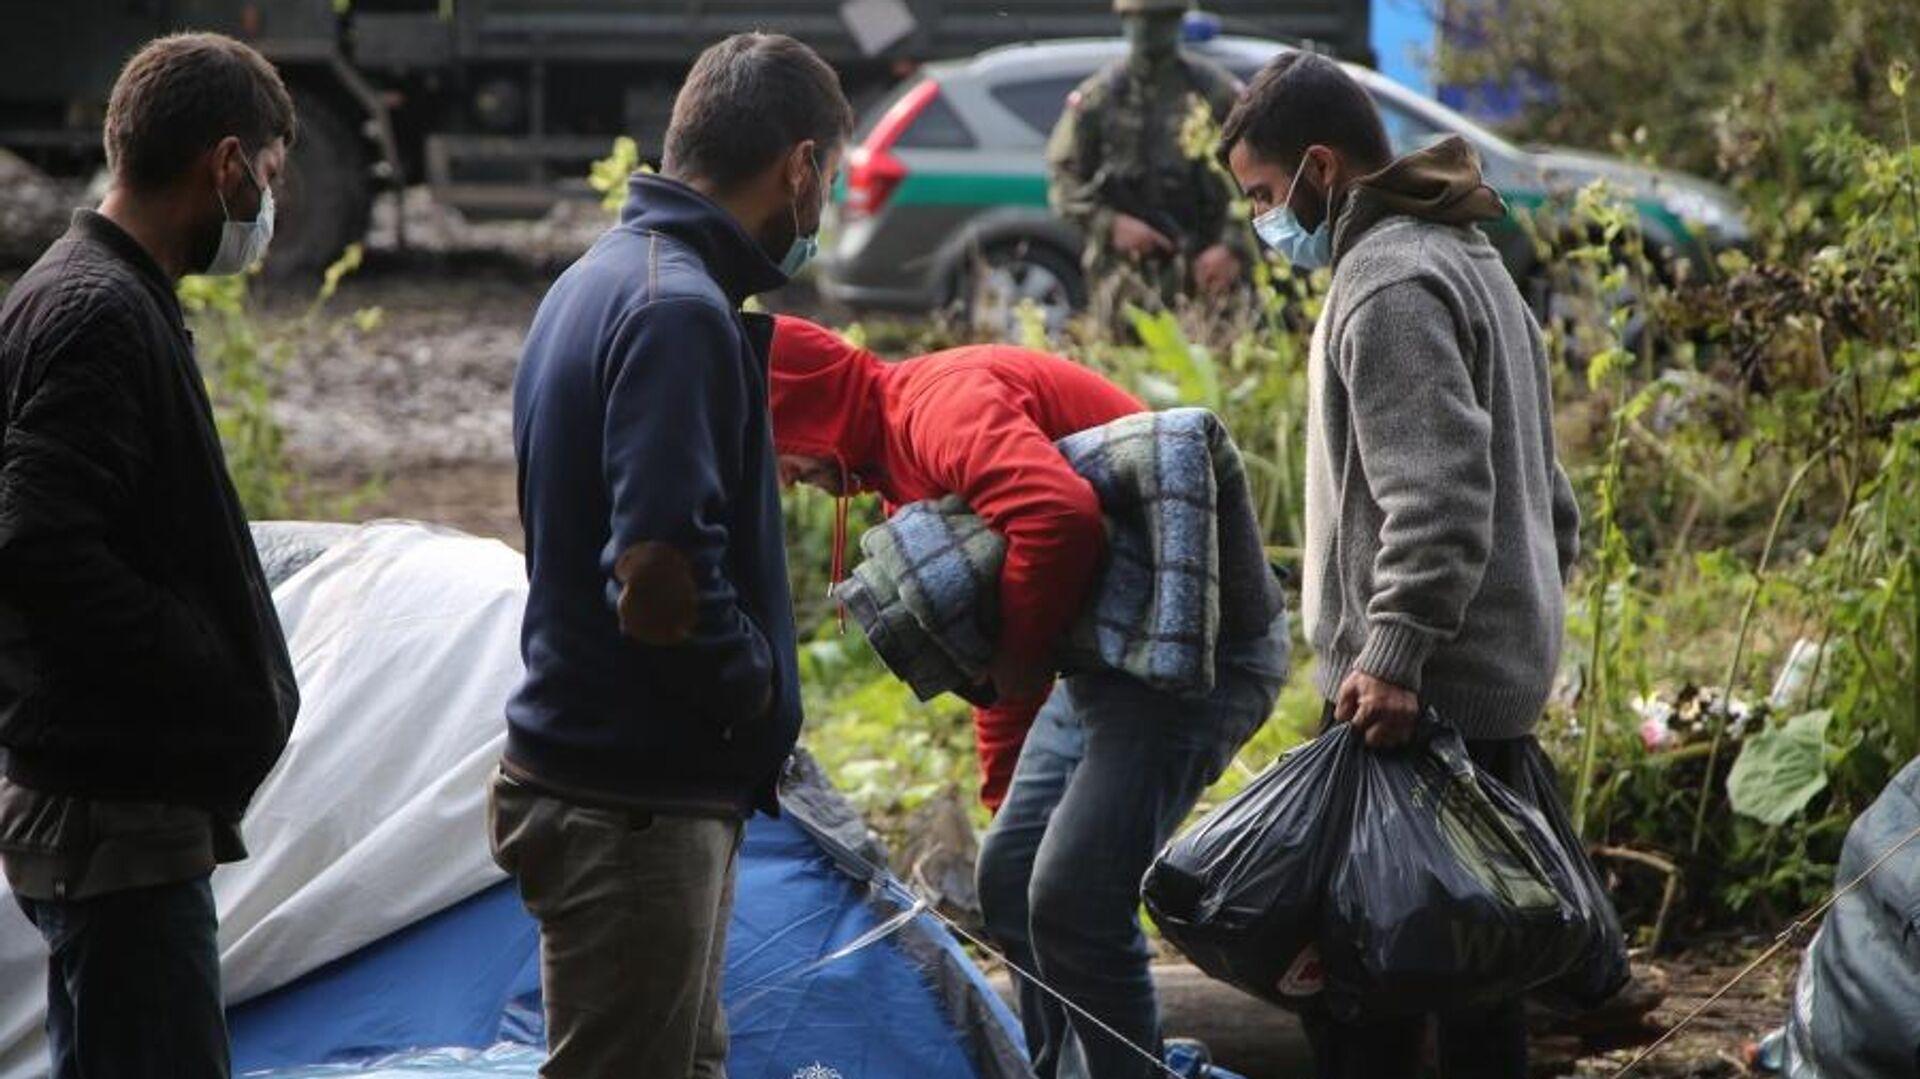 Передача гуманитарной помощи беженцам из Афганистана, находящимся на польско-белорусской границе, 1 сентября 2021 года - Sputnik Латвия, 1920, 06.09.2021